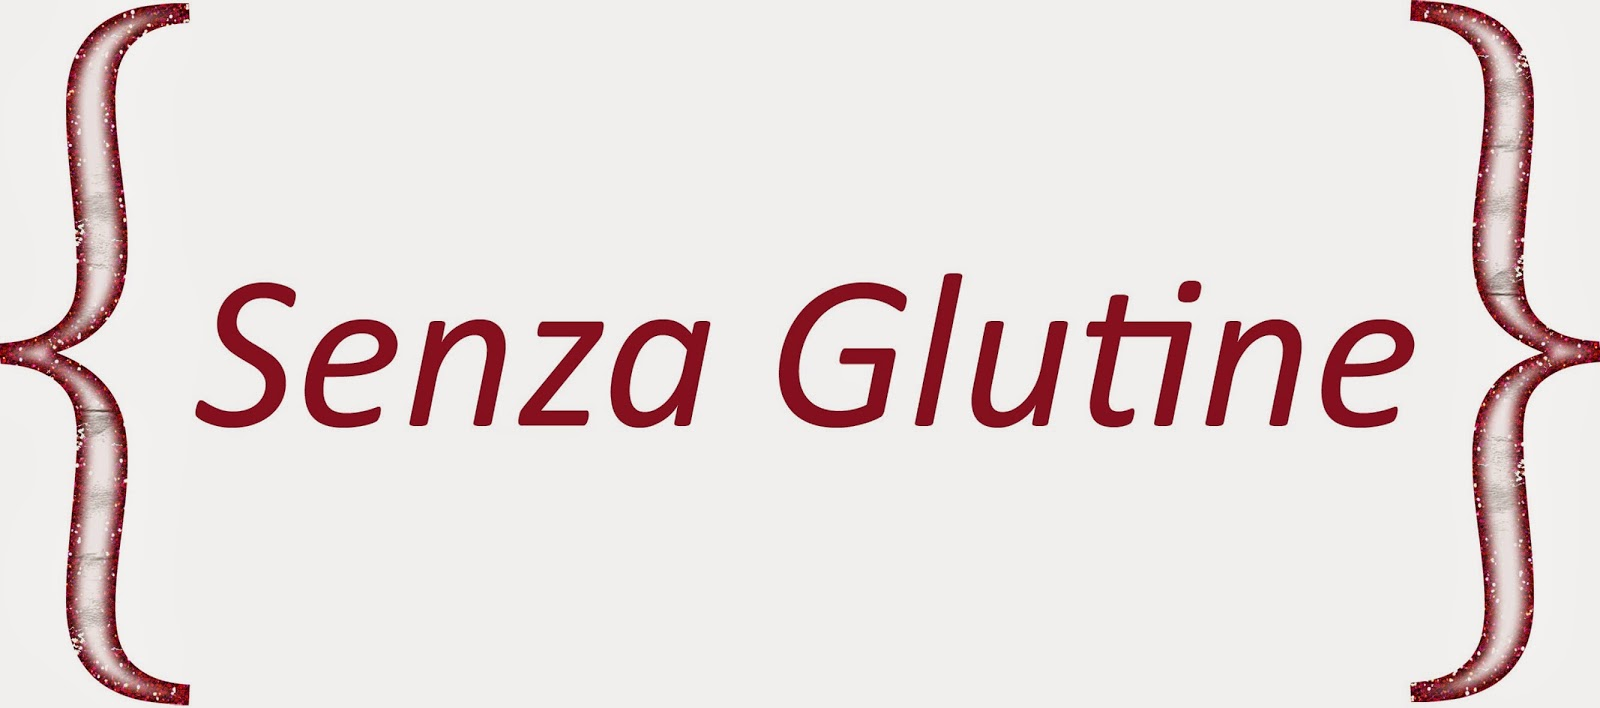 http://www.lacompagniadelcavatappi.com/prodotti-senza-glutine